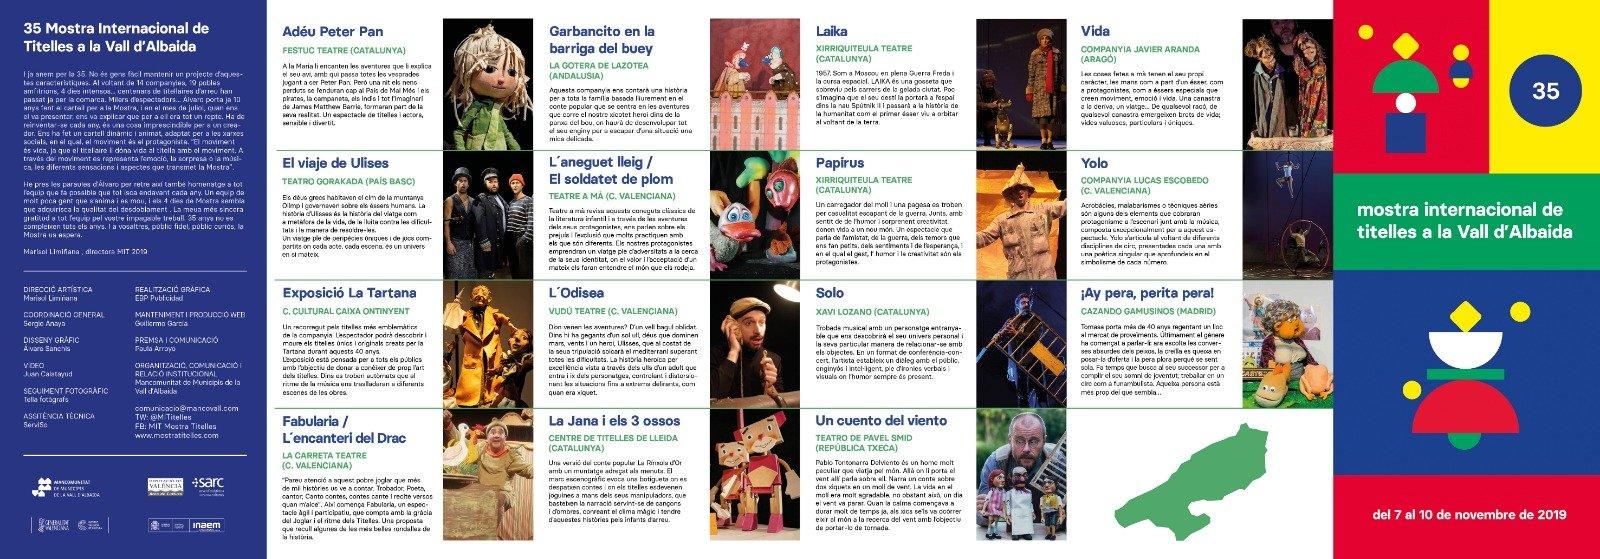 Mostra Titelles Vall Albaida 2019 Mostres